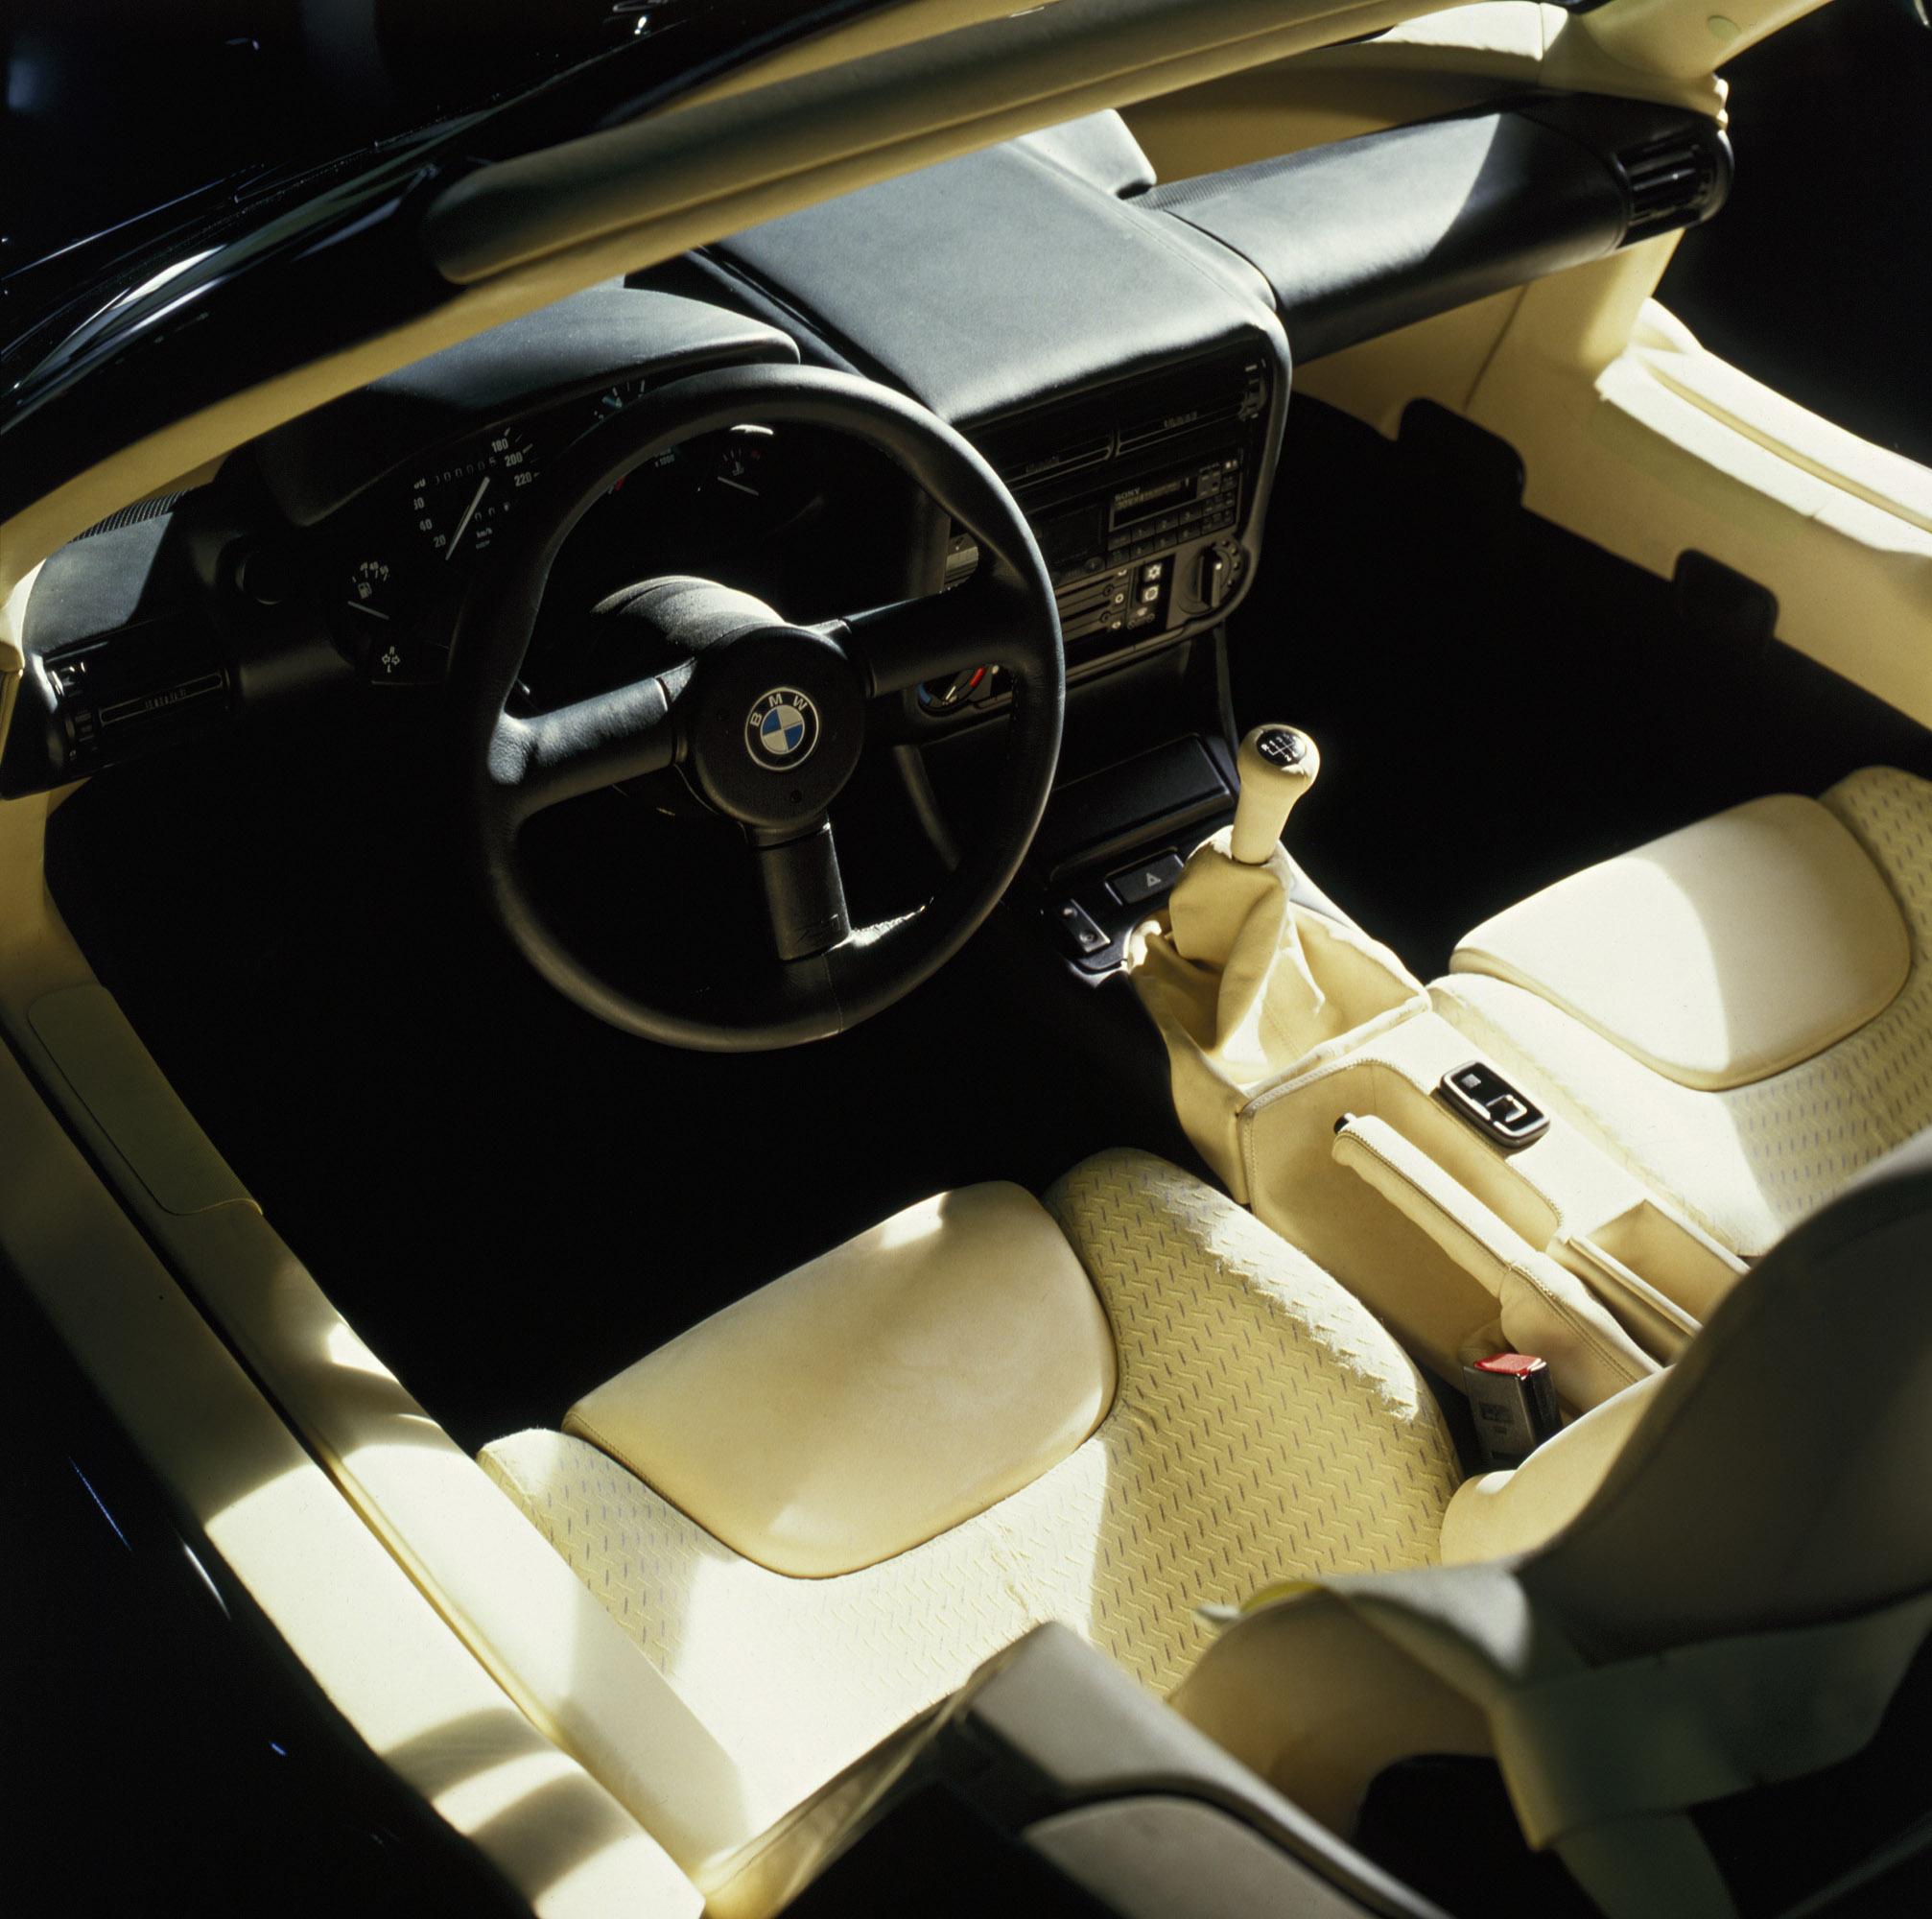 Bmw Z1 Price: 2014 Fiat 500L Trekking Gets Moparized